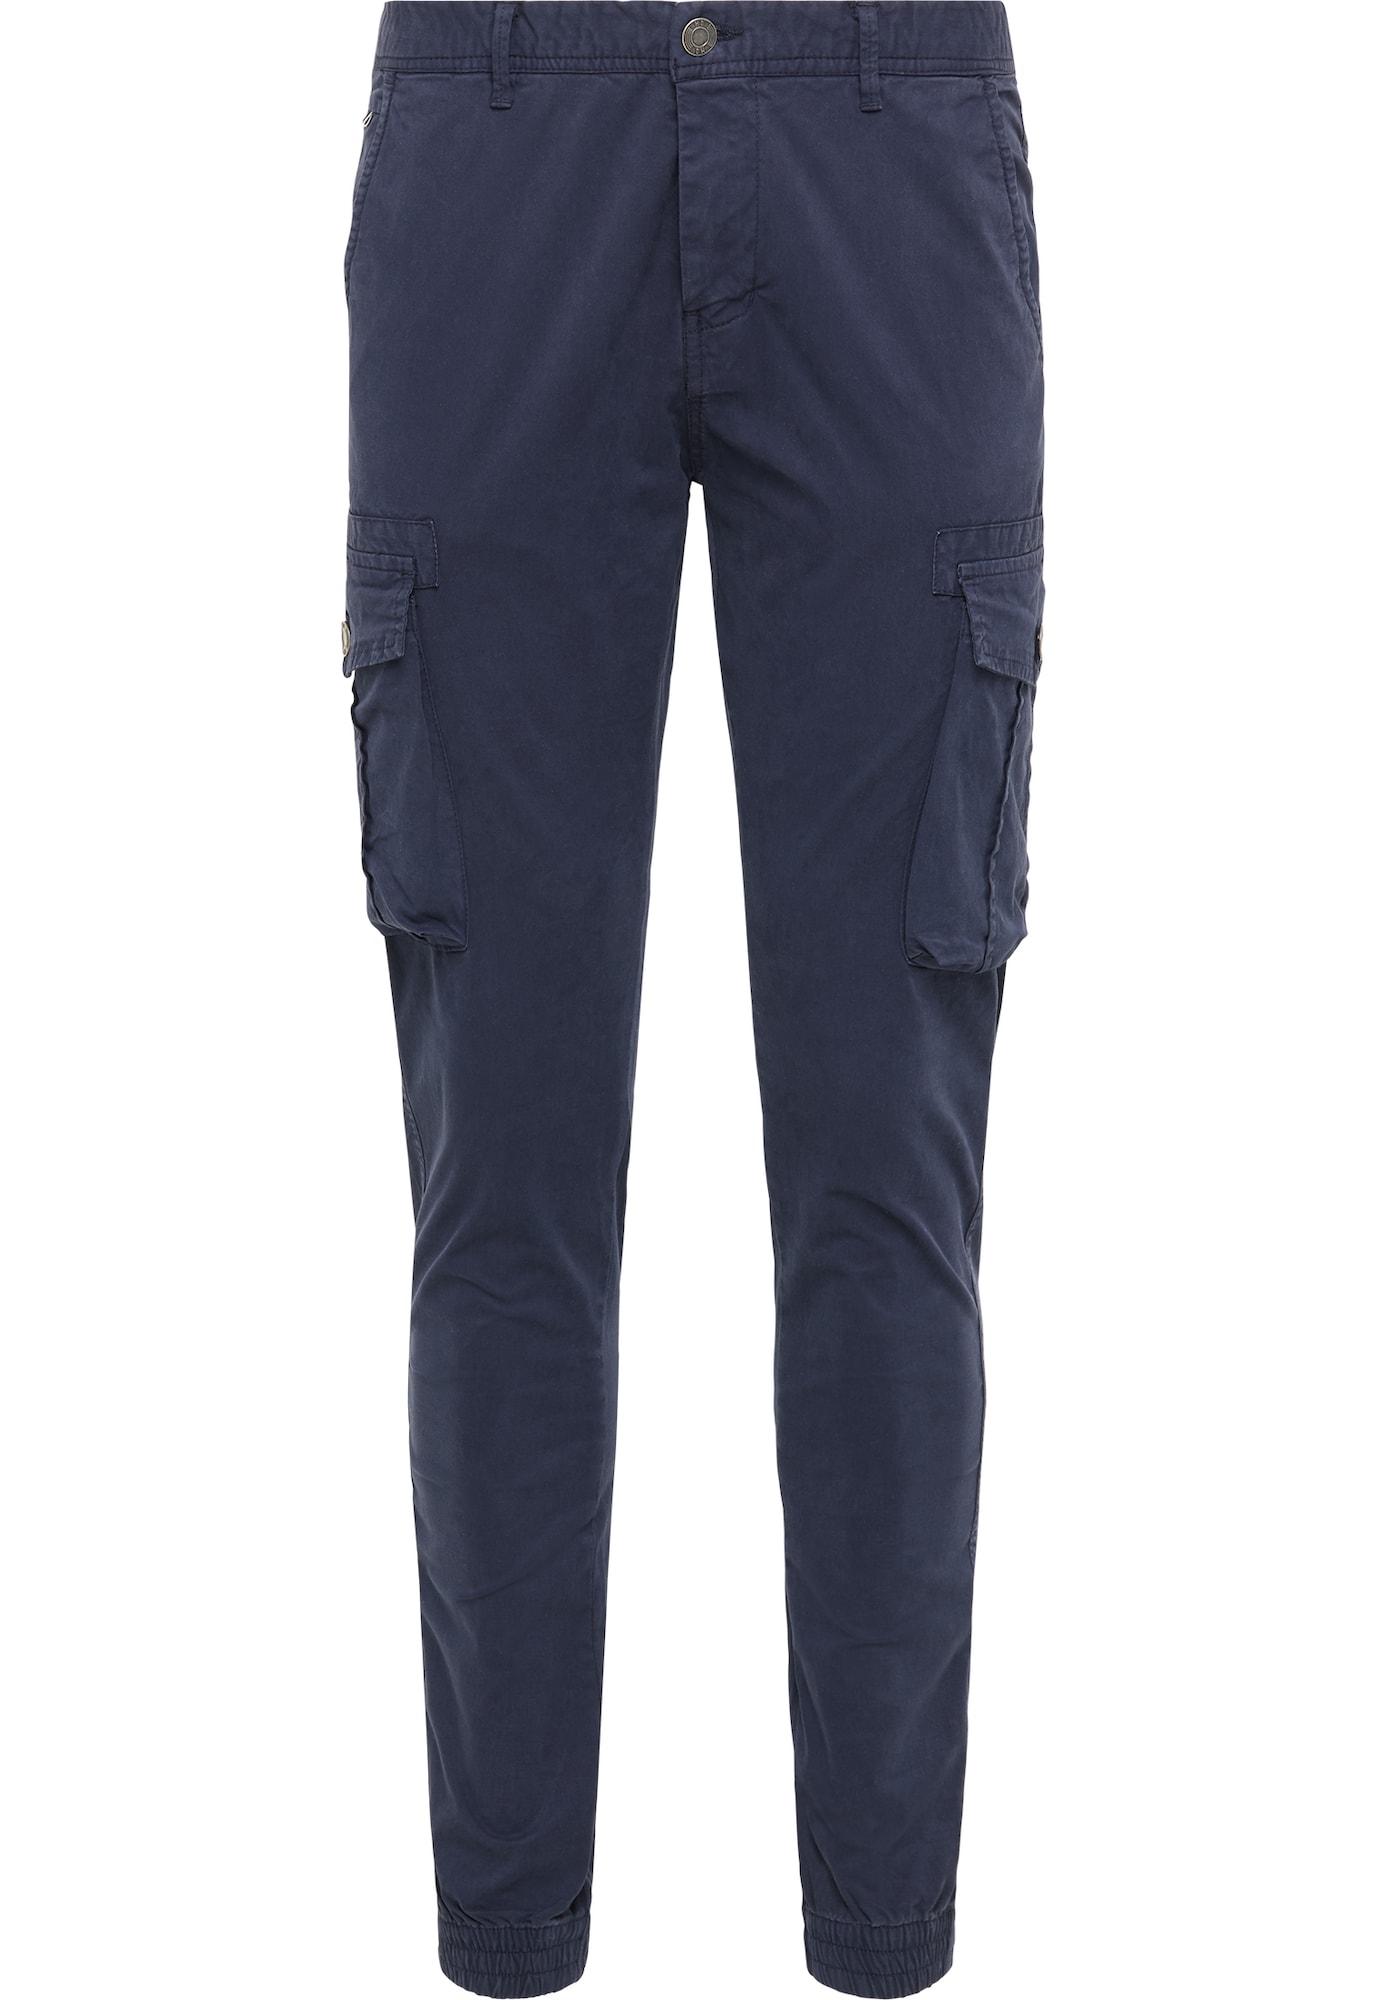 MO Laisvo stiliaus kelnės tamsiai mėlyna jūros spalva